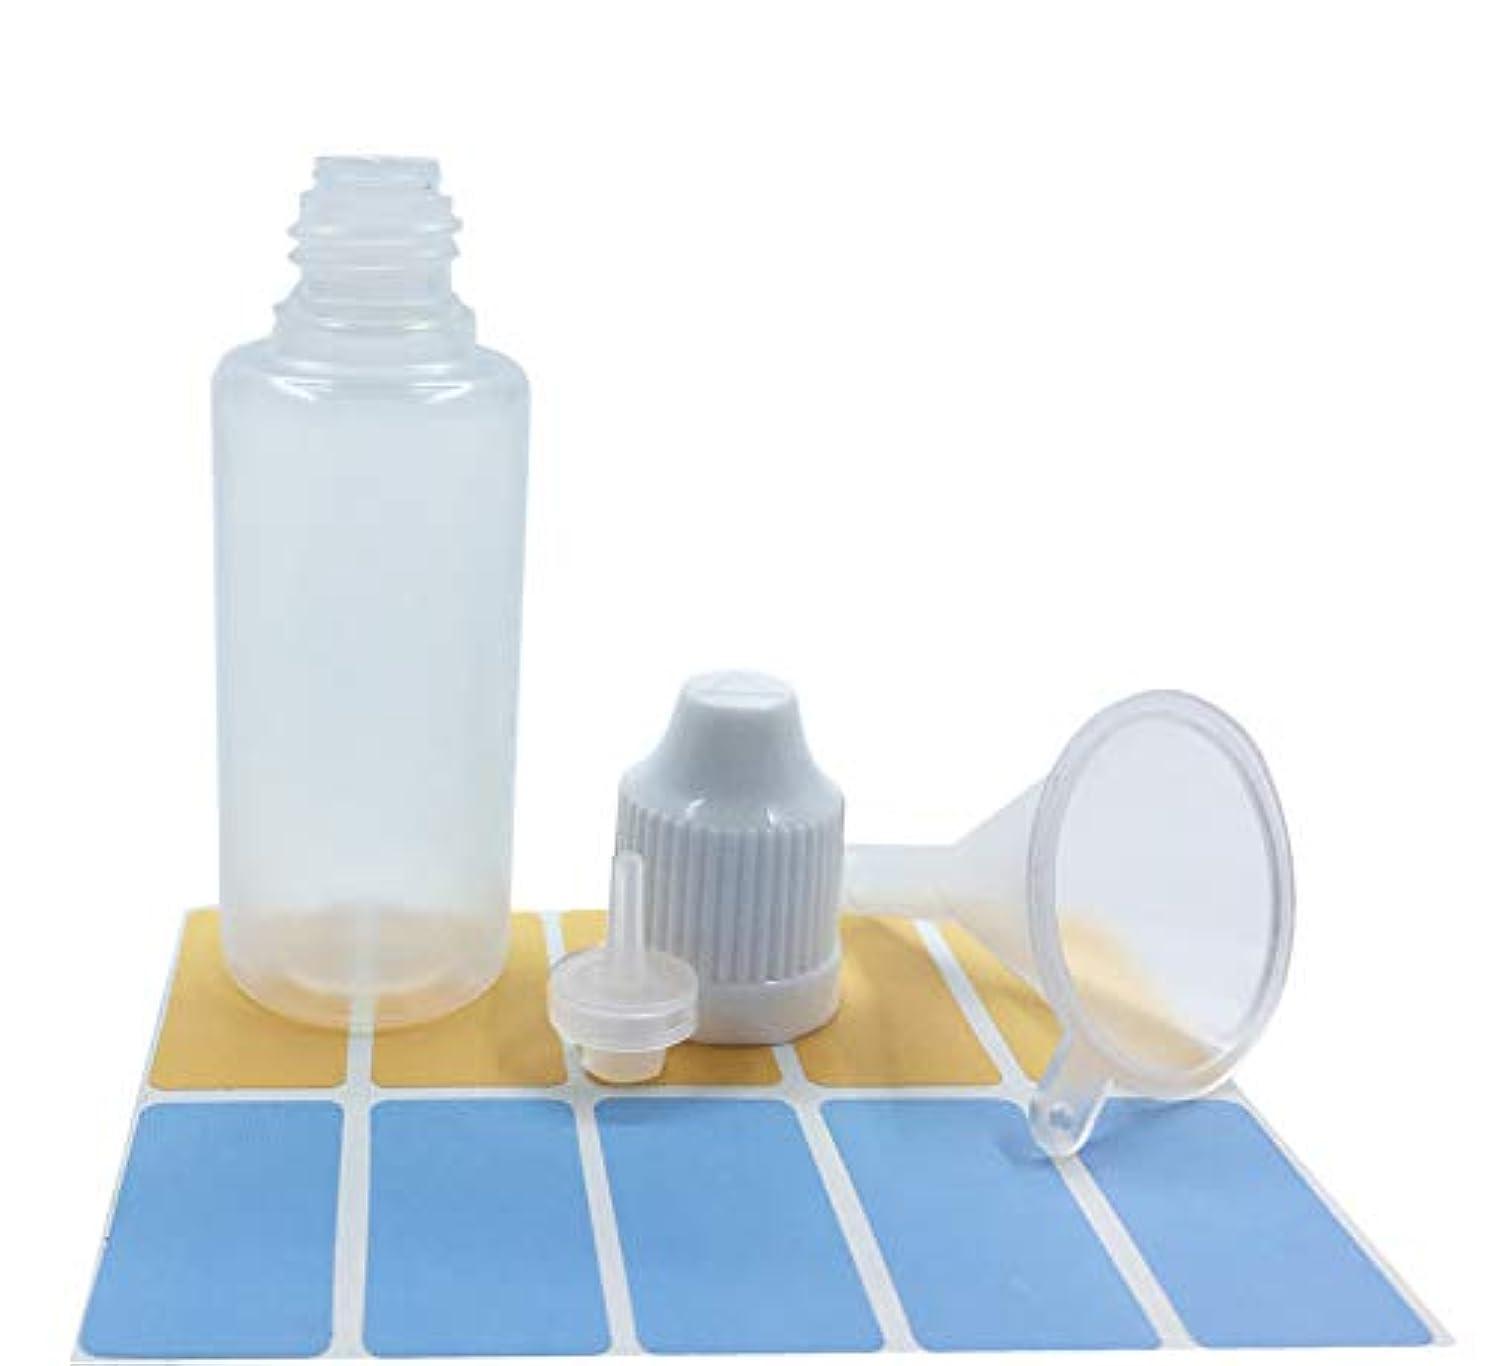 中にキャンバスコア10個 20mlドロッパーボトル スポイトタイプ容器 プラスチック製 点眼 液体 貯蔵用 滴瓶 (20ml, 白色)